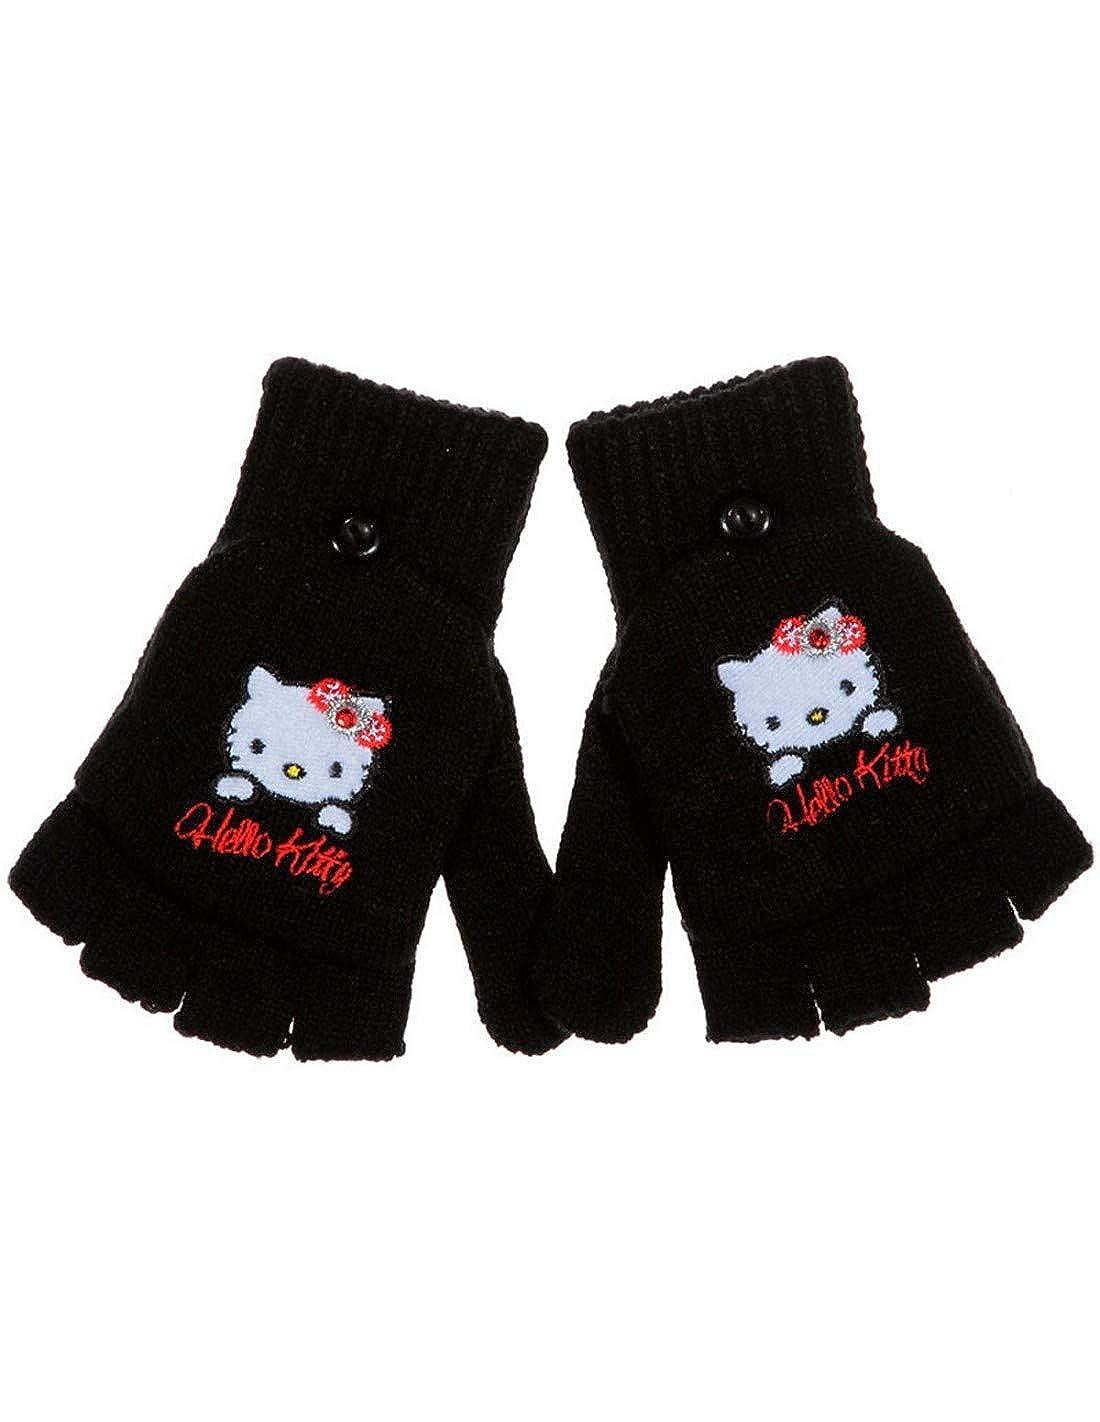 Hello kitty Mitaines - Gants enfant fille Gris et Noir TU  (4 à 8ans ... 7818ed98b0d